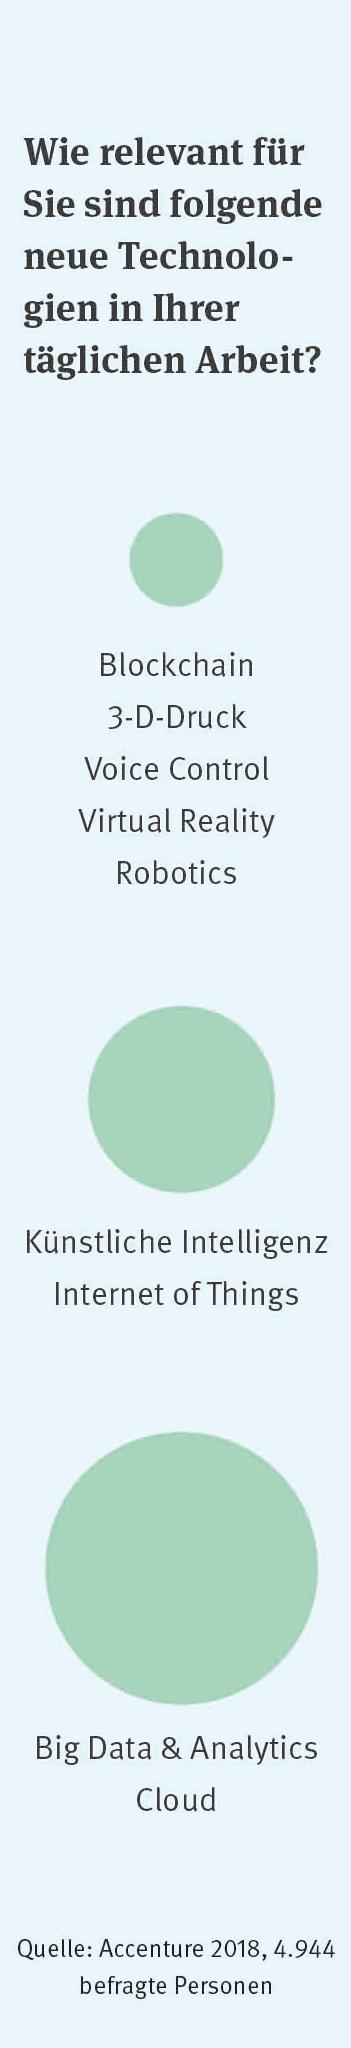 Die Grafik zeigt die Umfrageergebnisse zu neuen Technologien in der täglichen Arbeit. Man sieht untereinander 3 größer werdene Kreise, jeweils bestimmten Technologien zugeordnet.